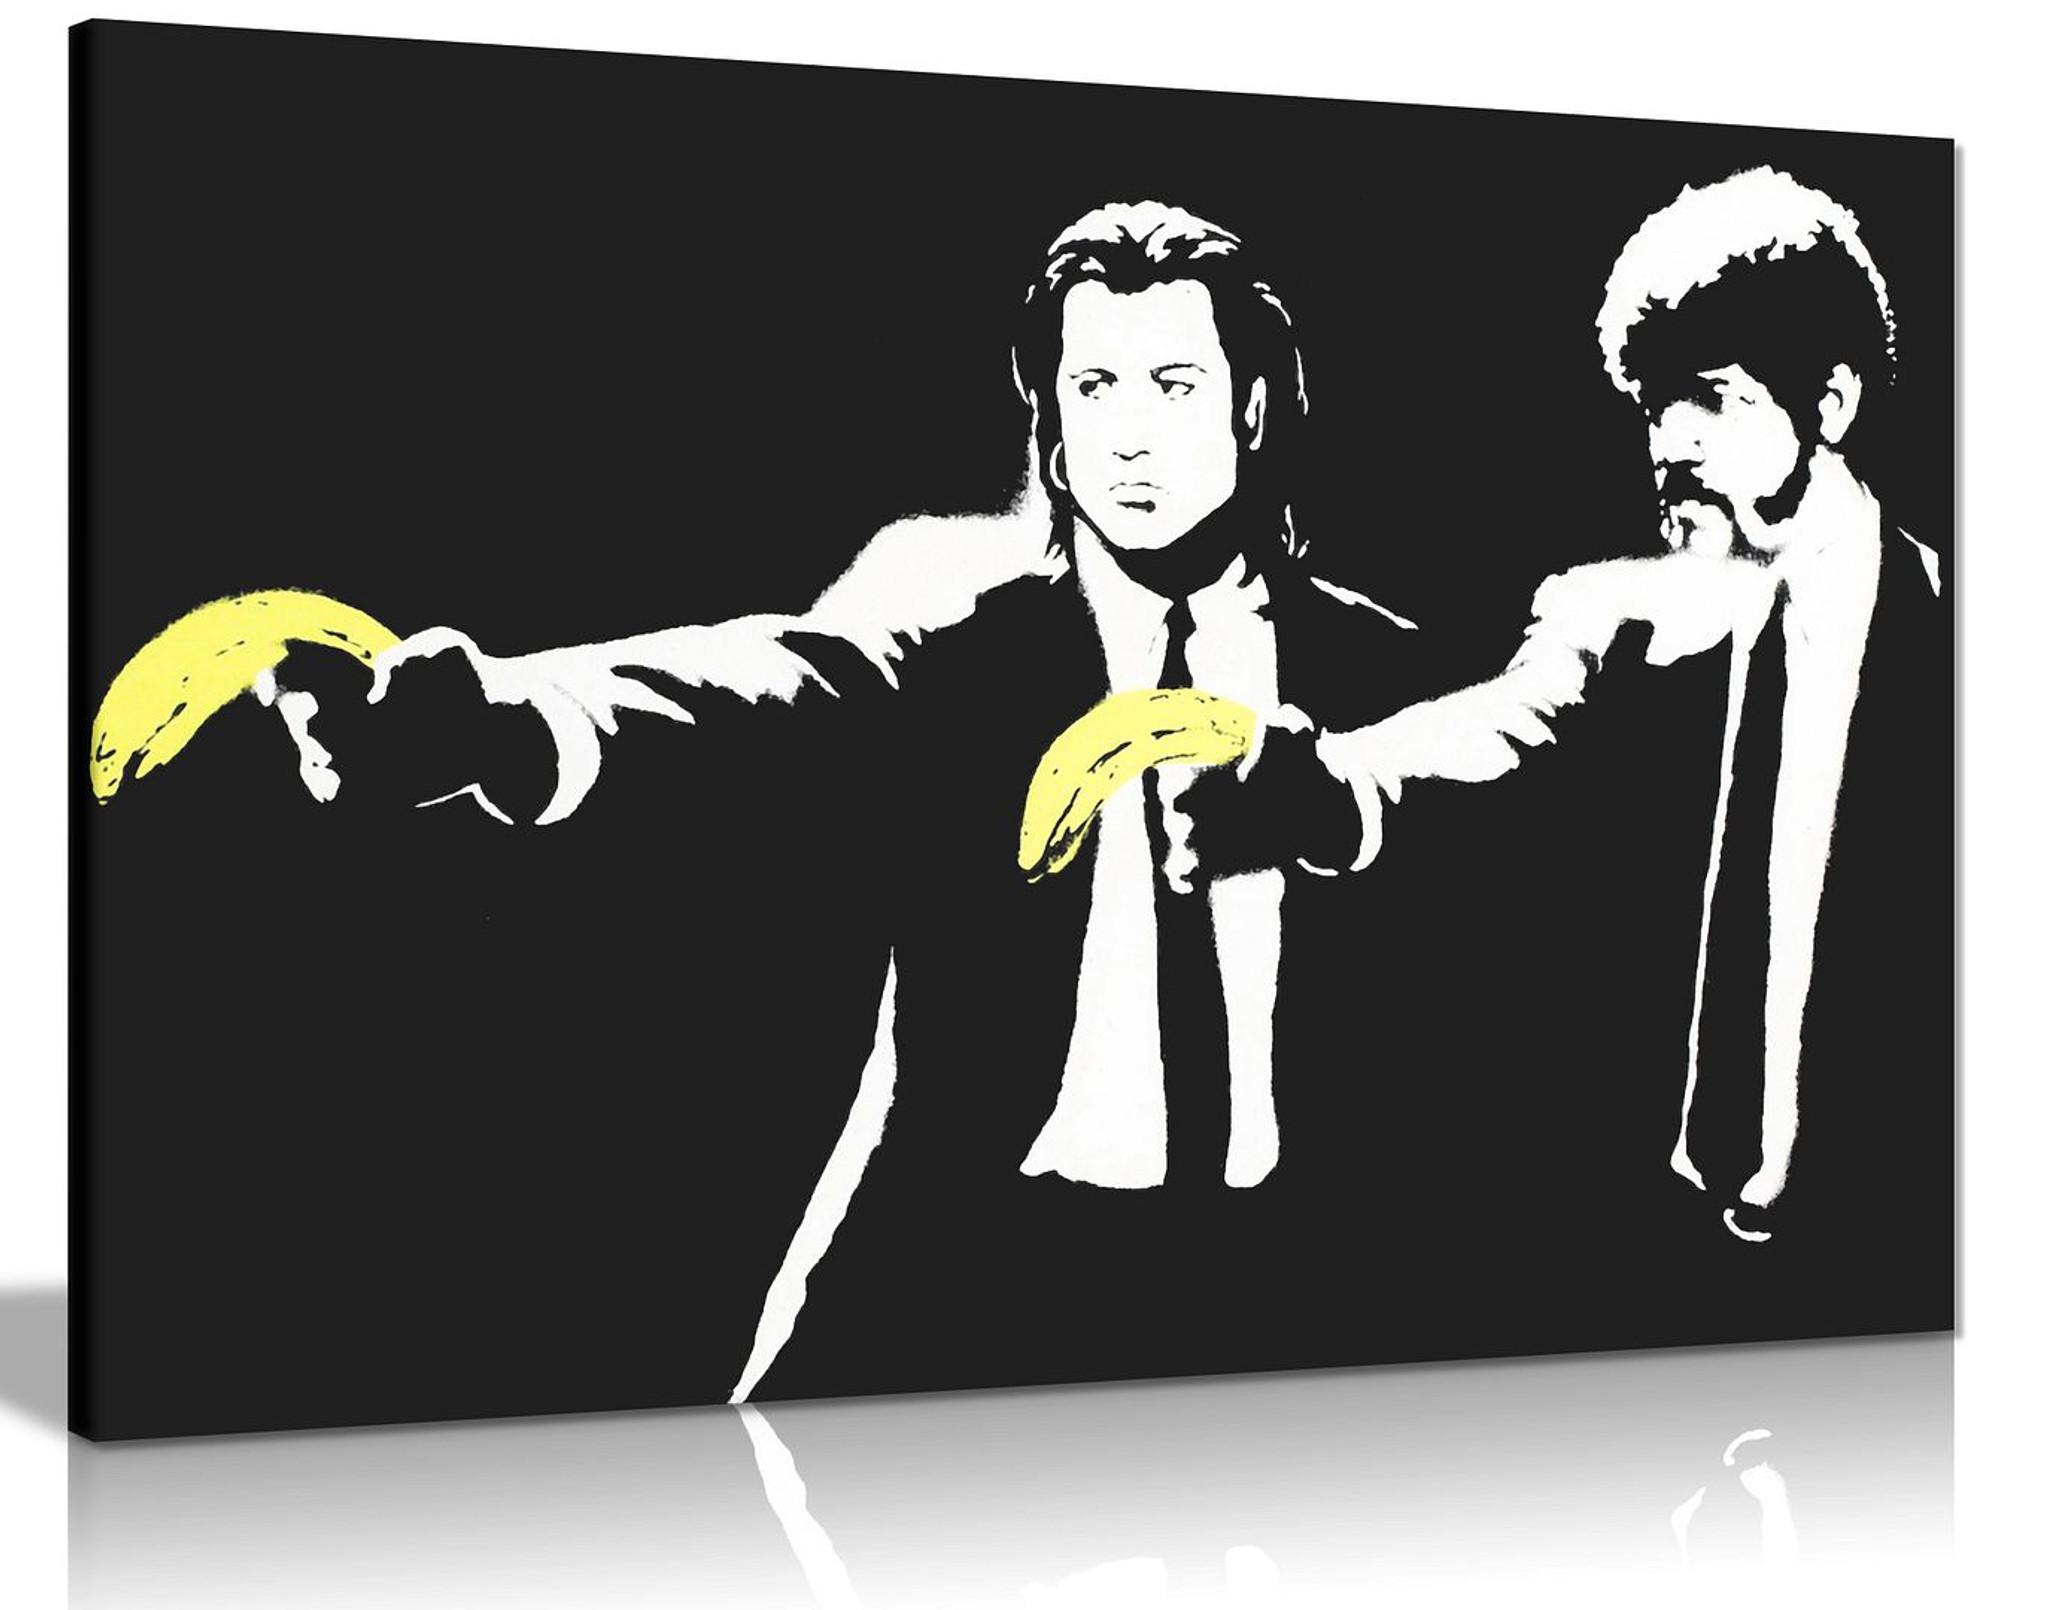 Banksy Pulp Fiction Banana Gun Graffiti Canvas